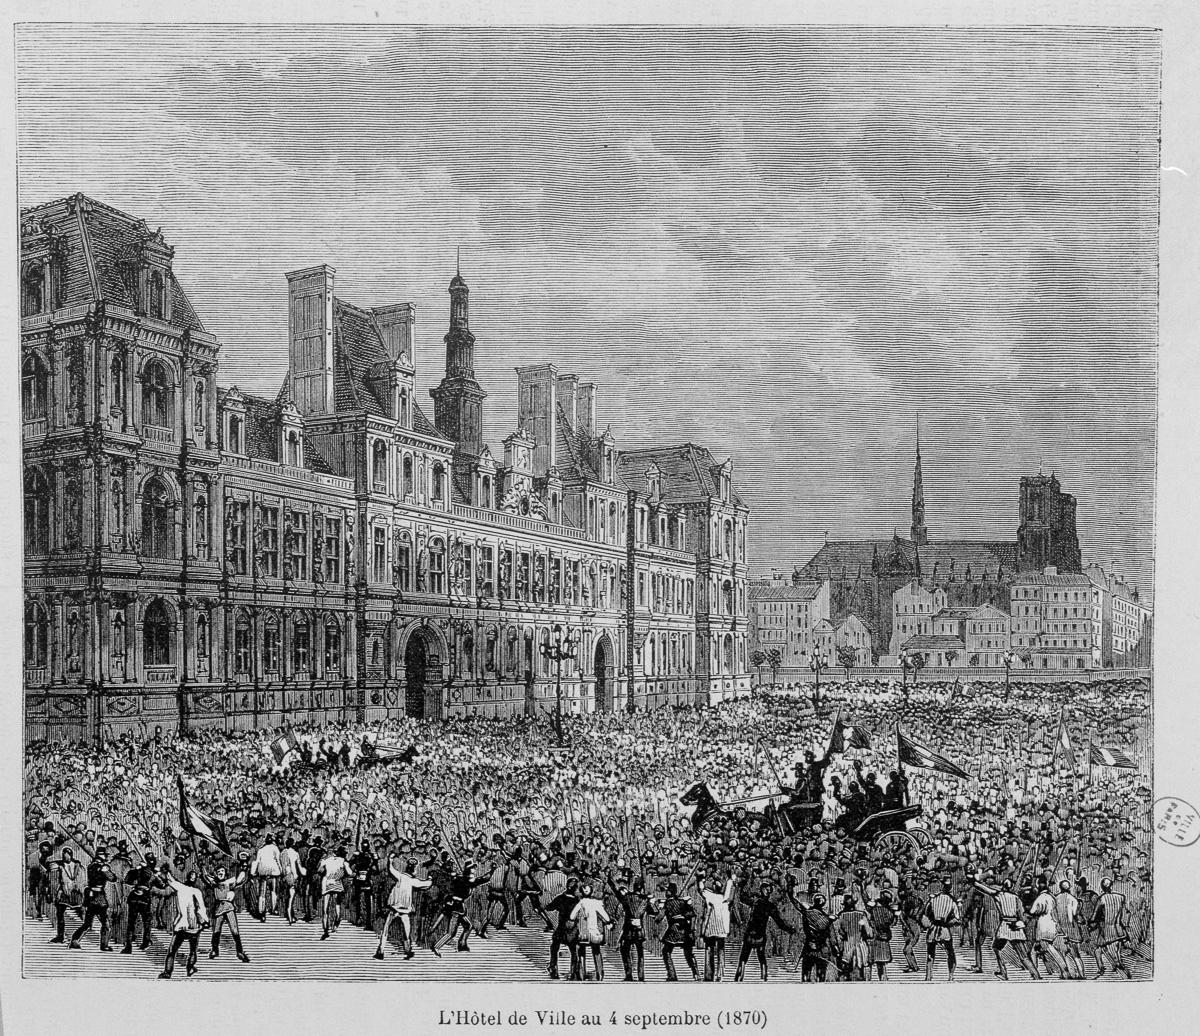 """""""L'Hôtel de Ville au 4 septembre 1870""""."""